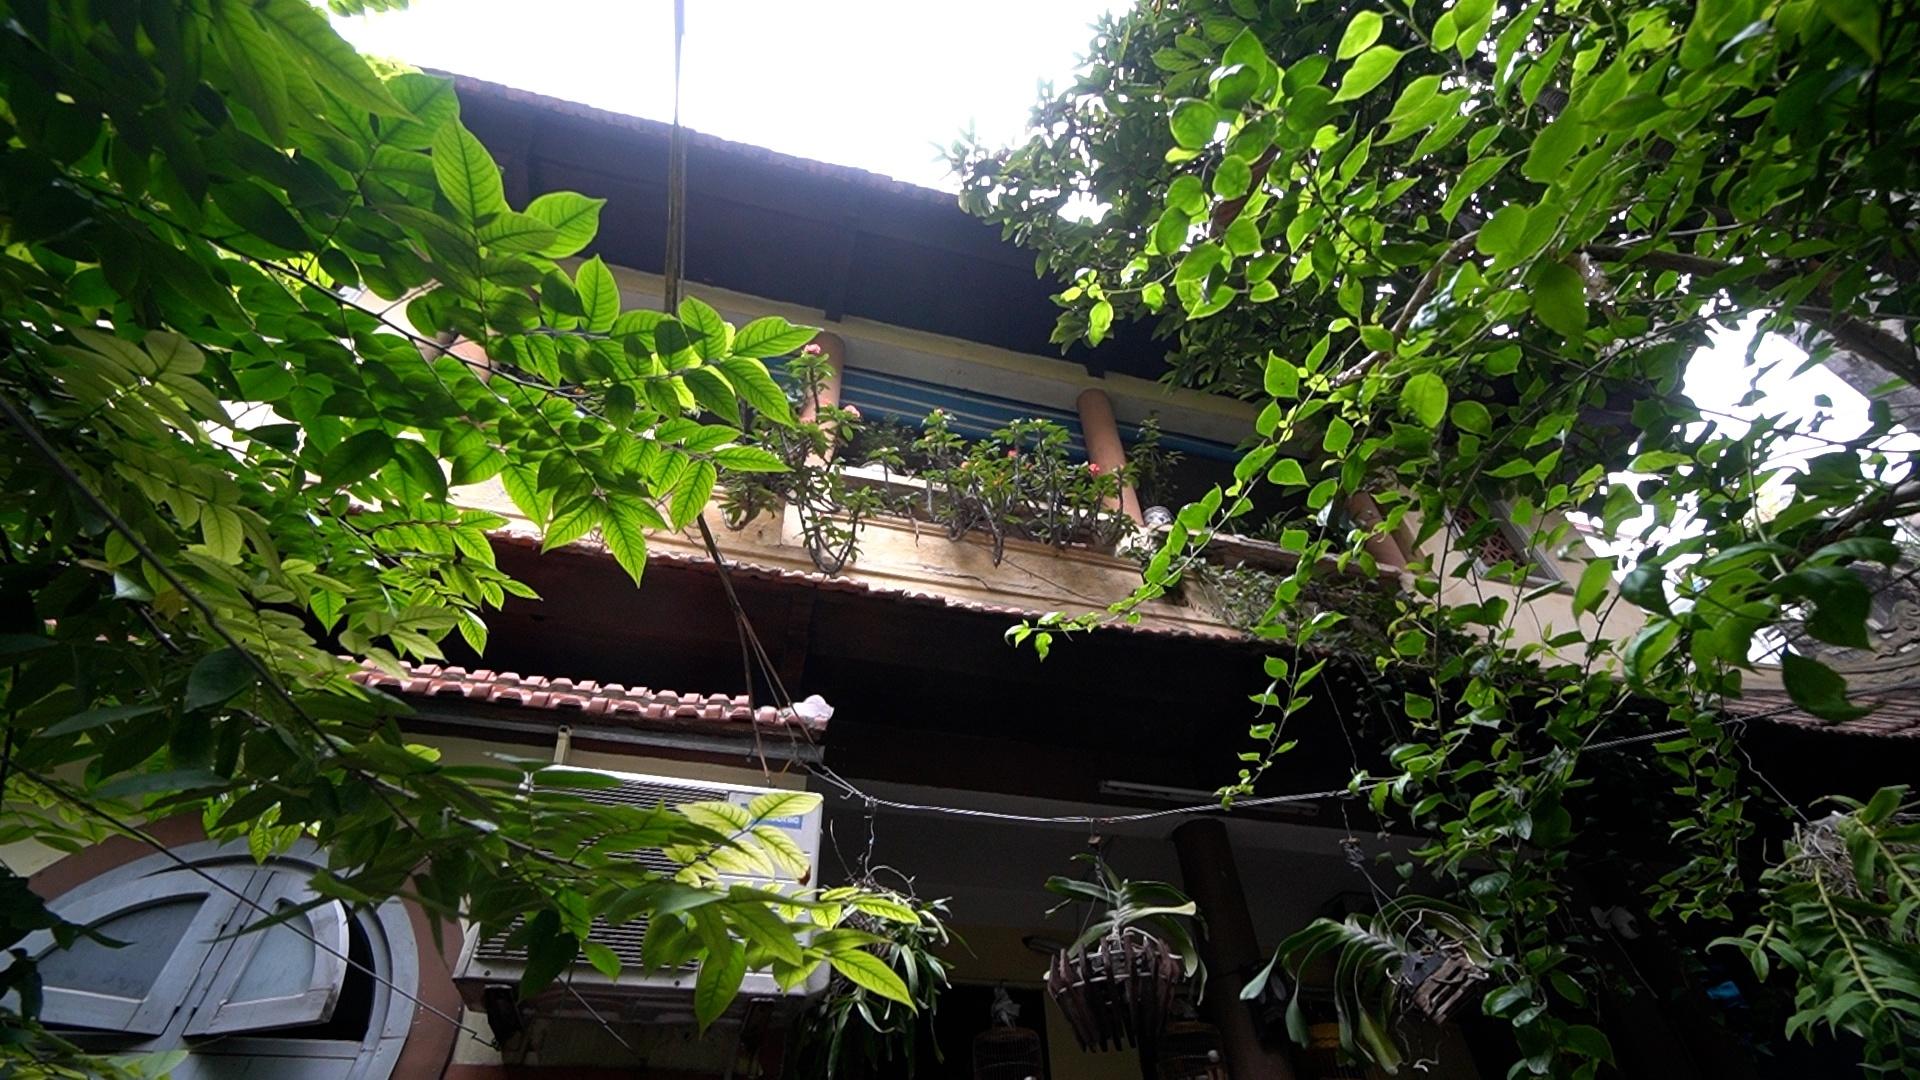 Cuộc sống trong căn biệt thự 70 năm tuổi ở phố cổ Hà Nội